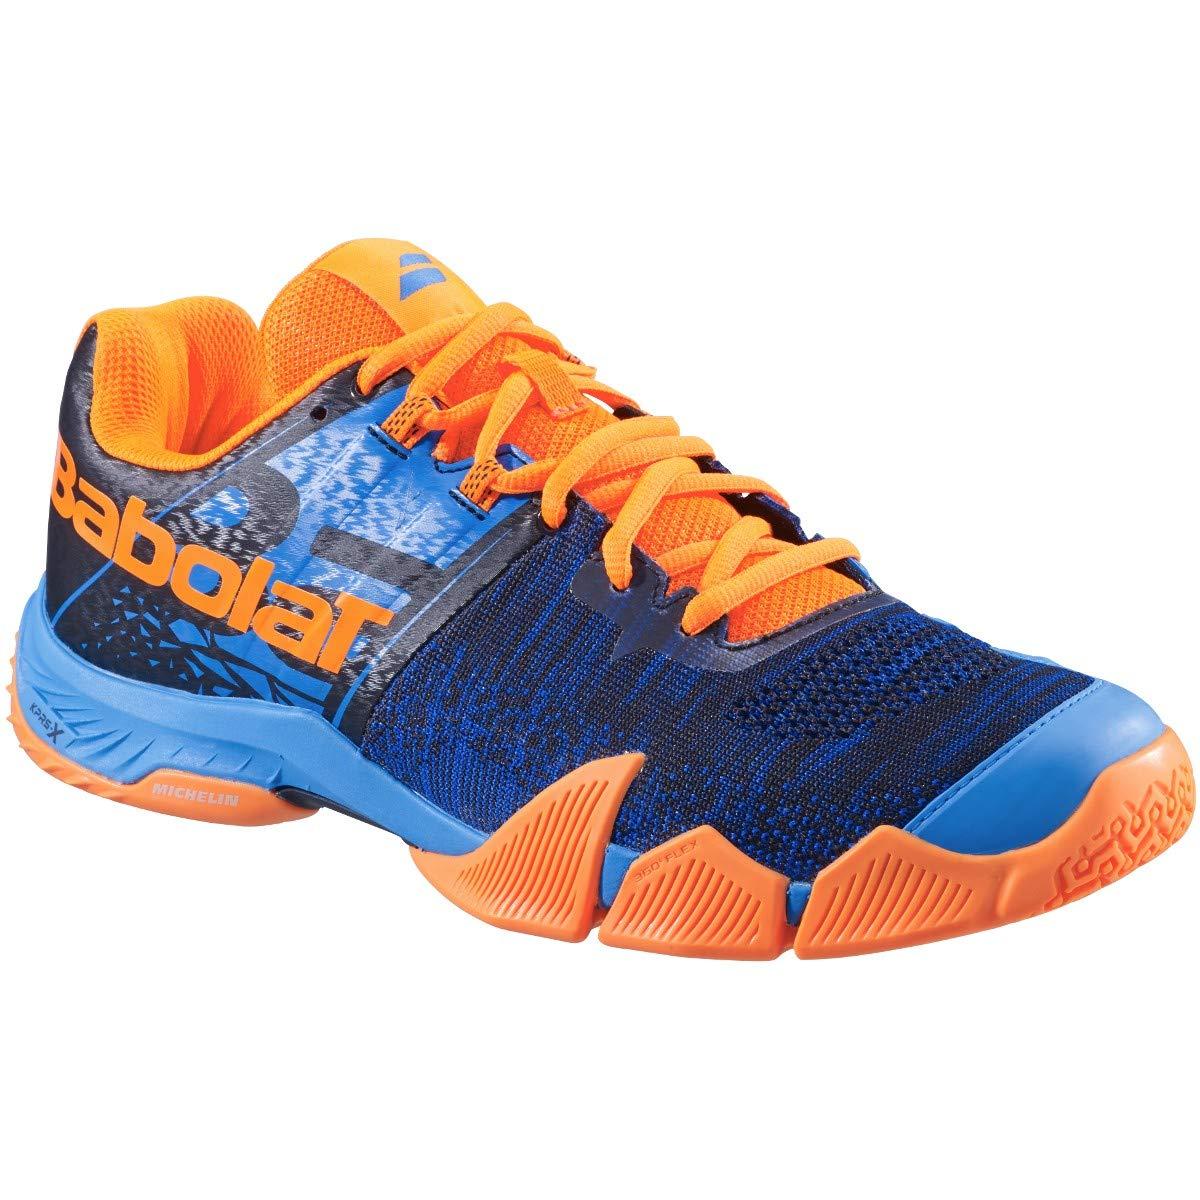 Babolat Movea- Zapatilla de Padel para Hombre: Amazon.es: Zapatos y complementos